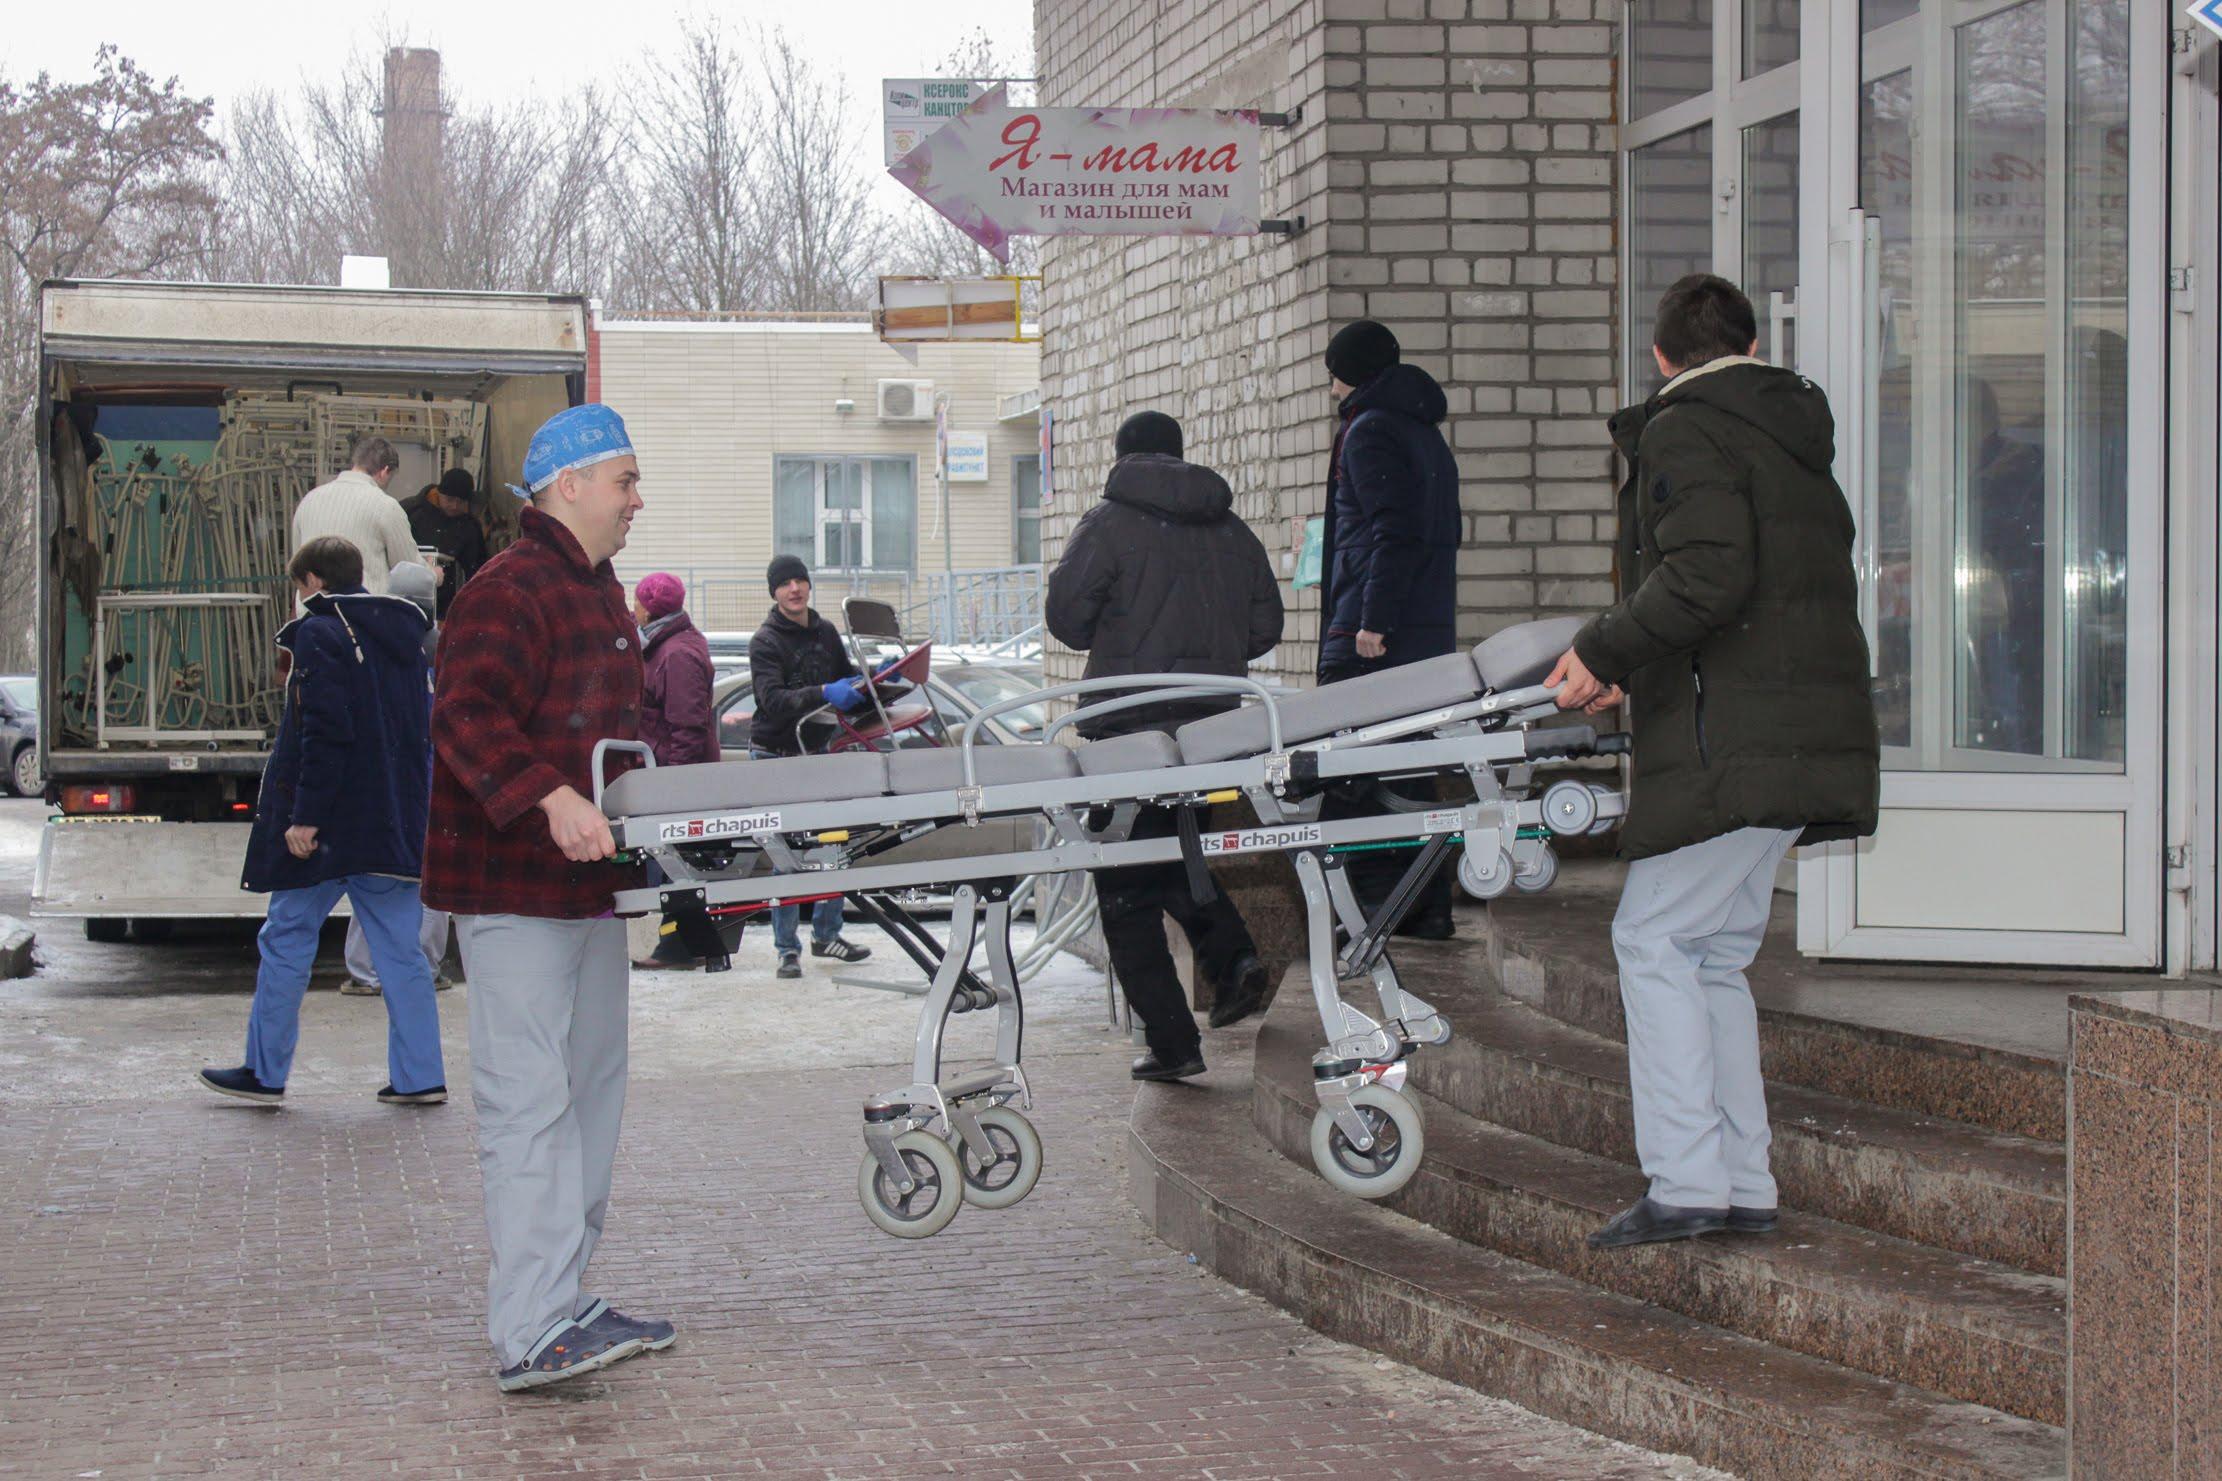 Гуманітарна допомога дитячій лікарні - Фото №2